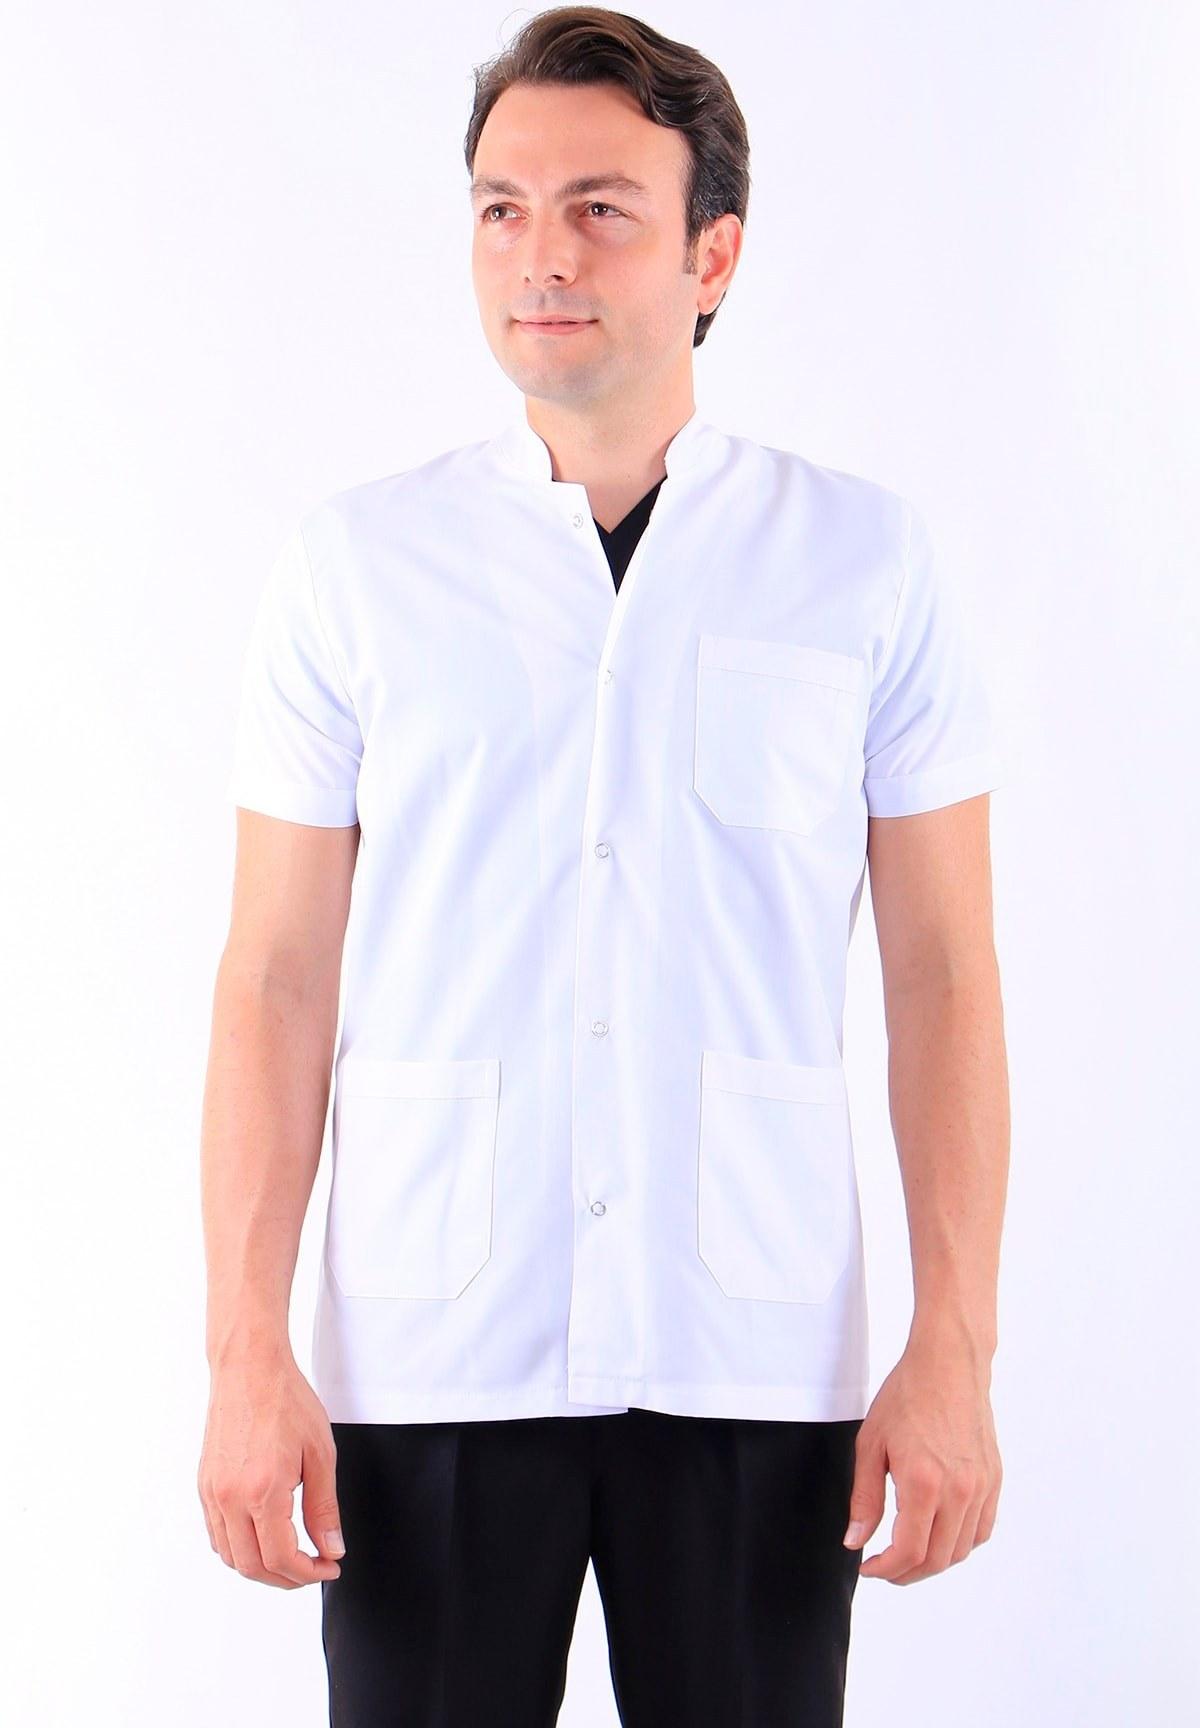 تصویر کت پرستار مردانه قد آستین کوتاه یقه دیپلمات برند AWEST کد 1616706361